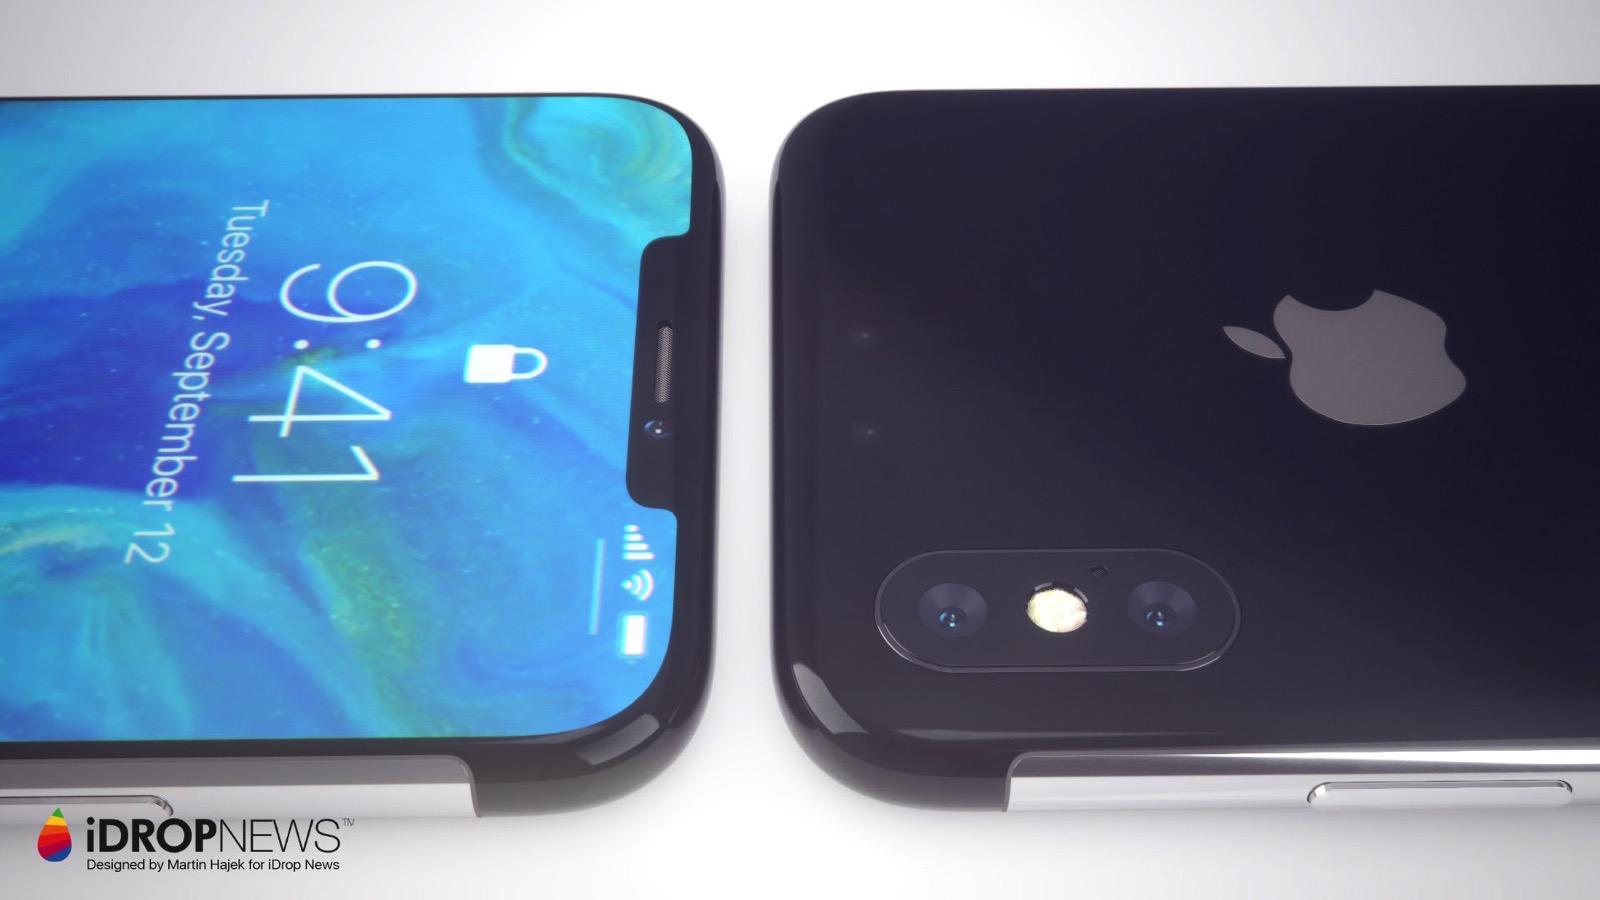 iPhone-XI-Concept-Images-iDrop-News-4.jpg